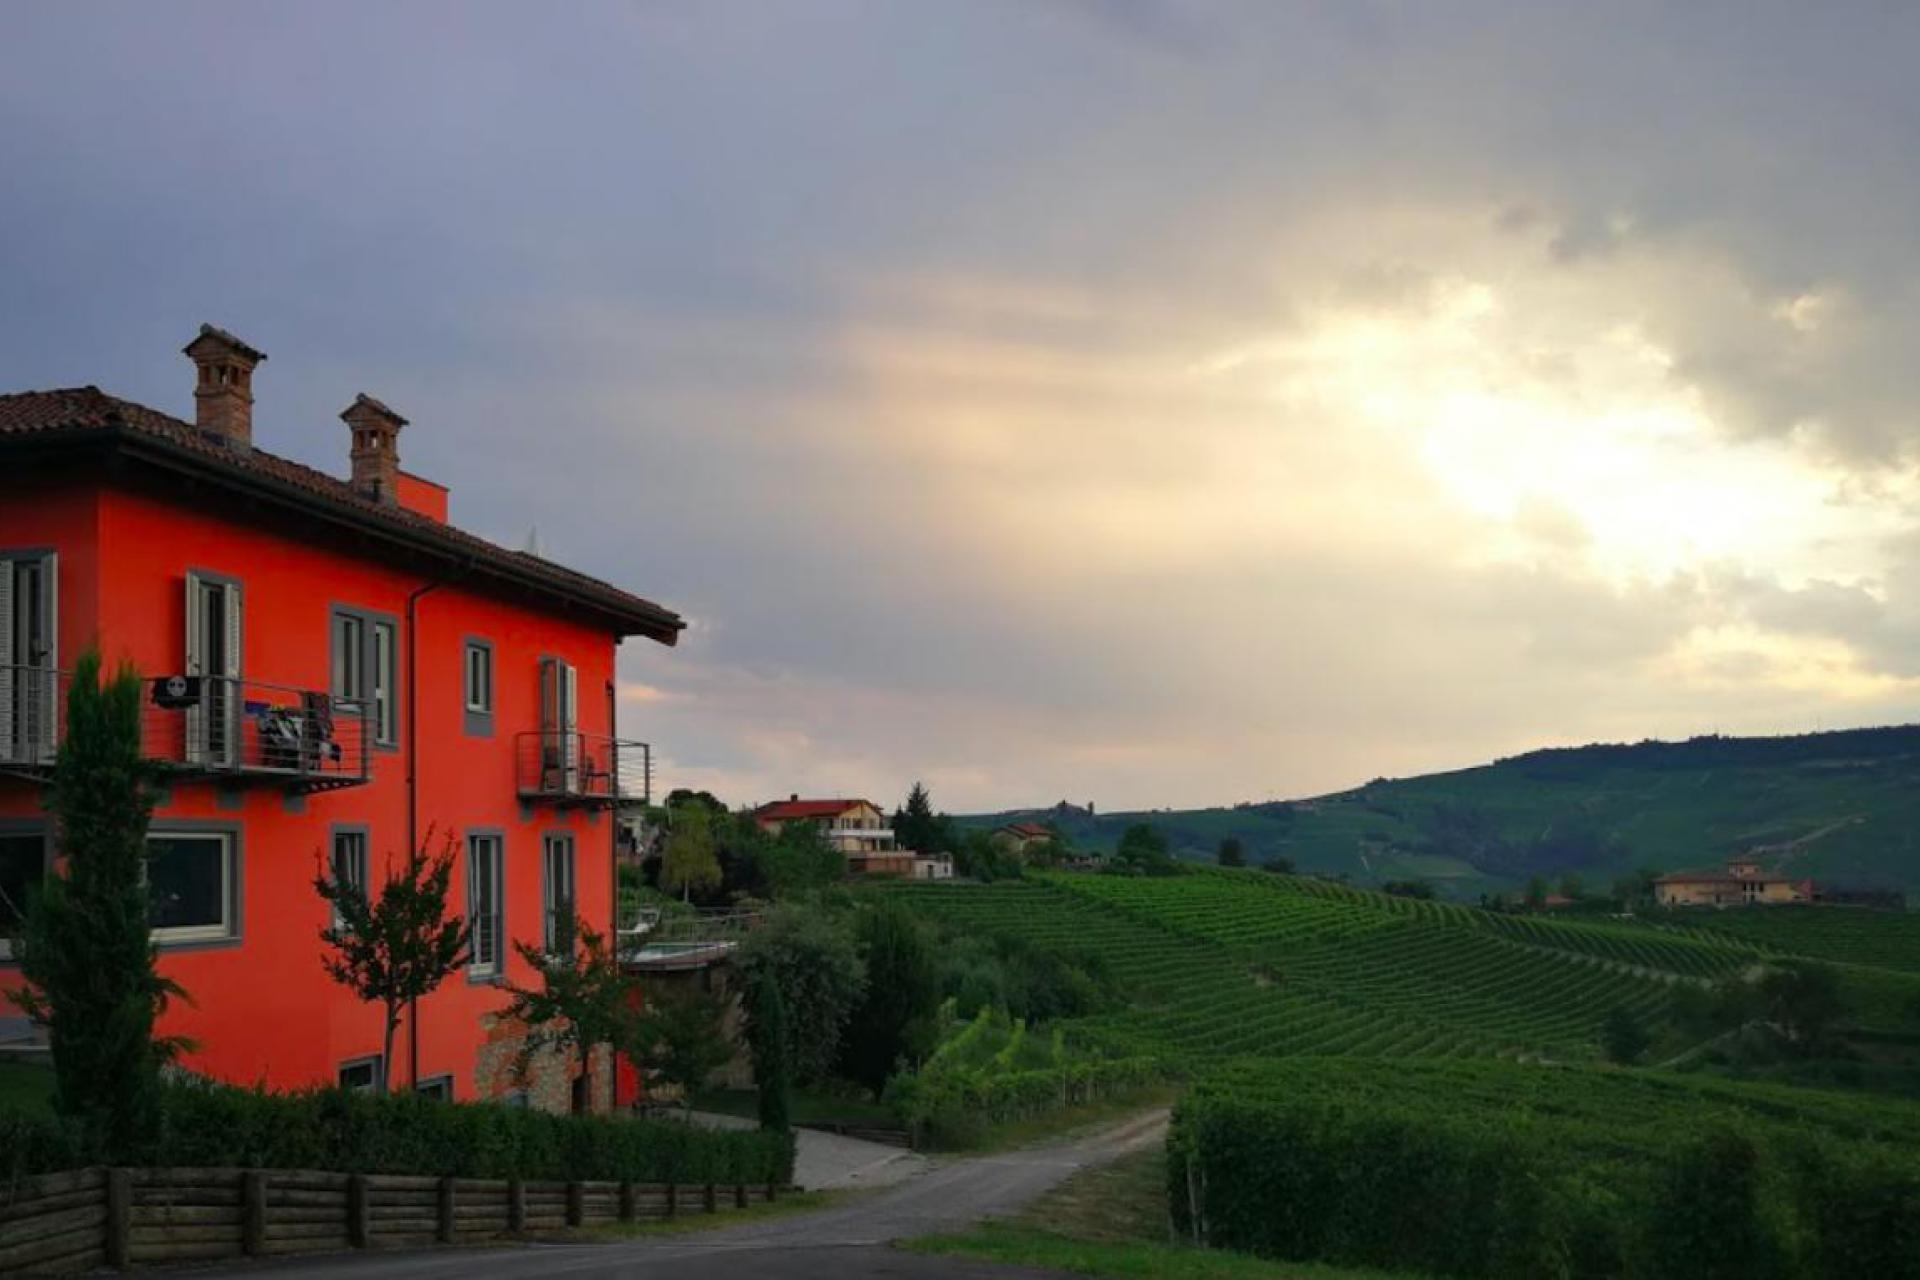 Agriturismo Piemonte Agriturismo in Piemonte, in een karakteristiek dorpje